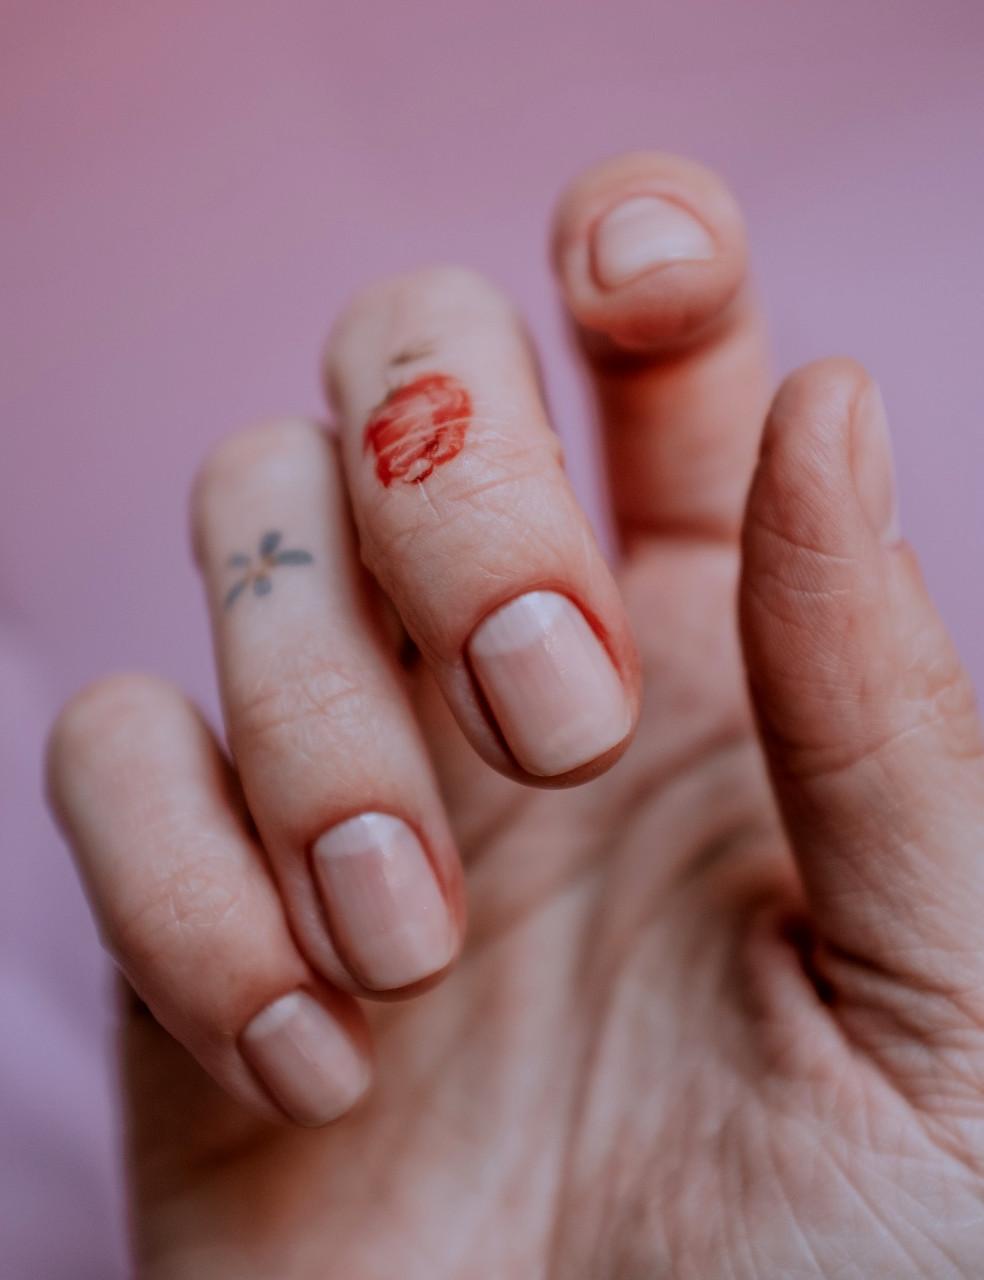 Por qué usar uñas en acrílico o de gel en lugar de las naturales